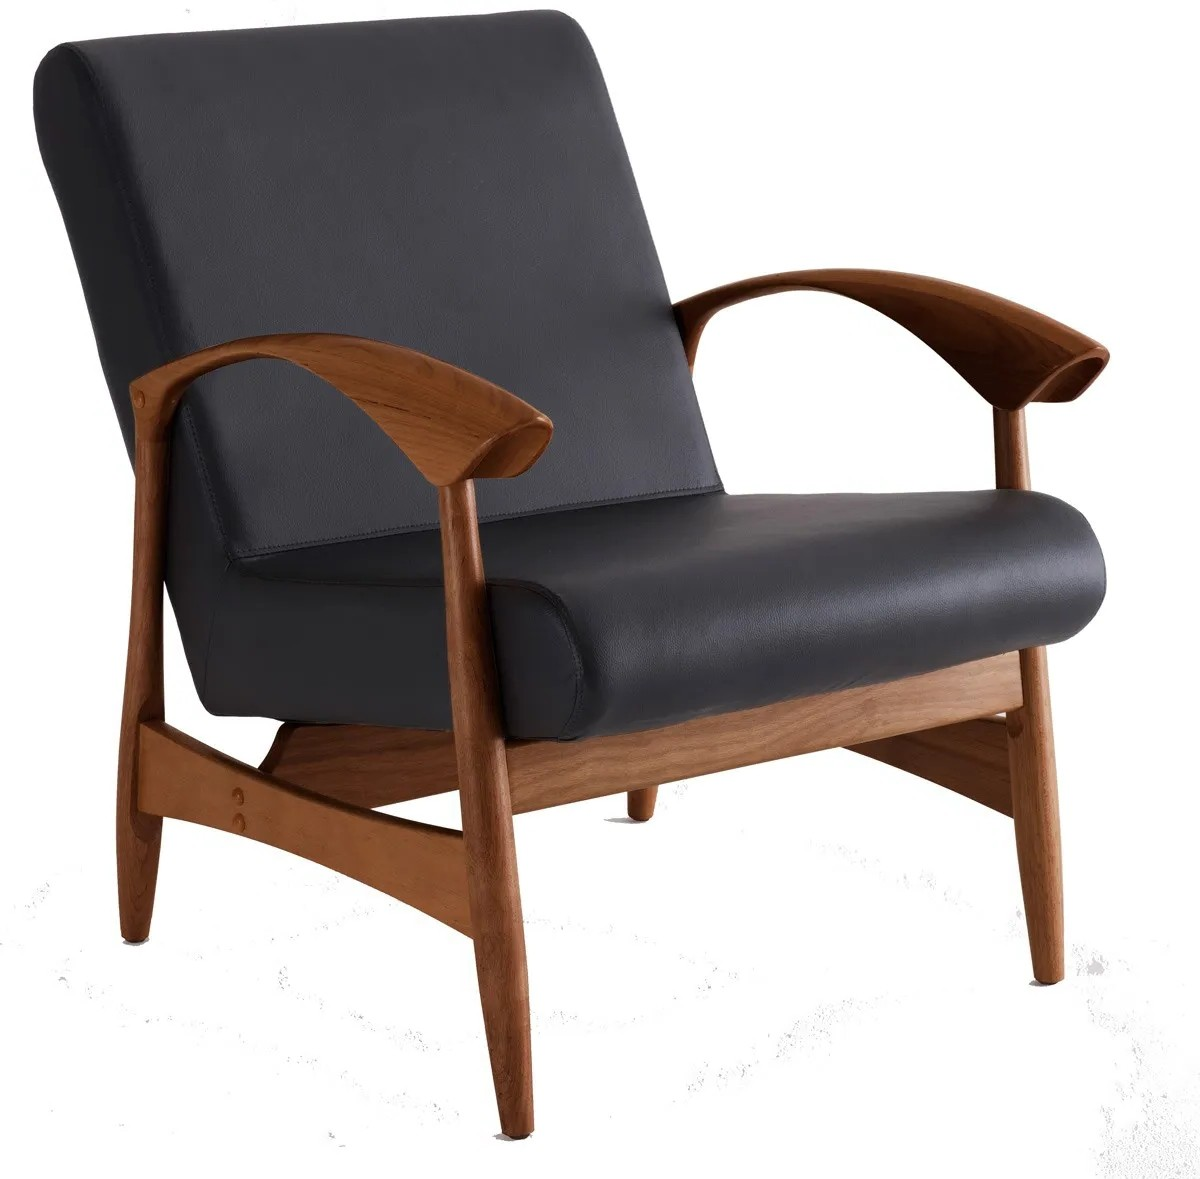 Poltrona Anos 50 em Madeira Cumaru e Assento em Corino Estofado